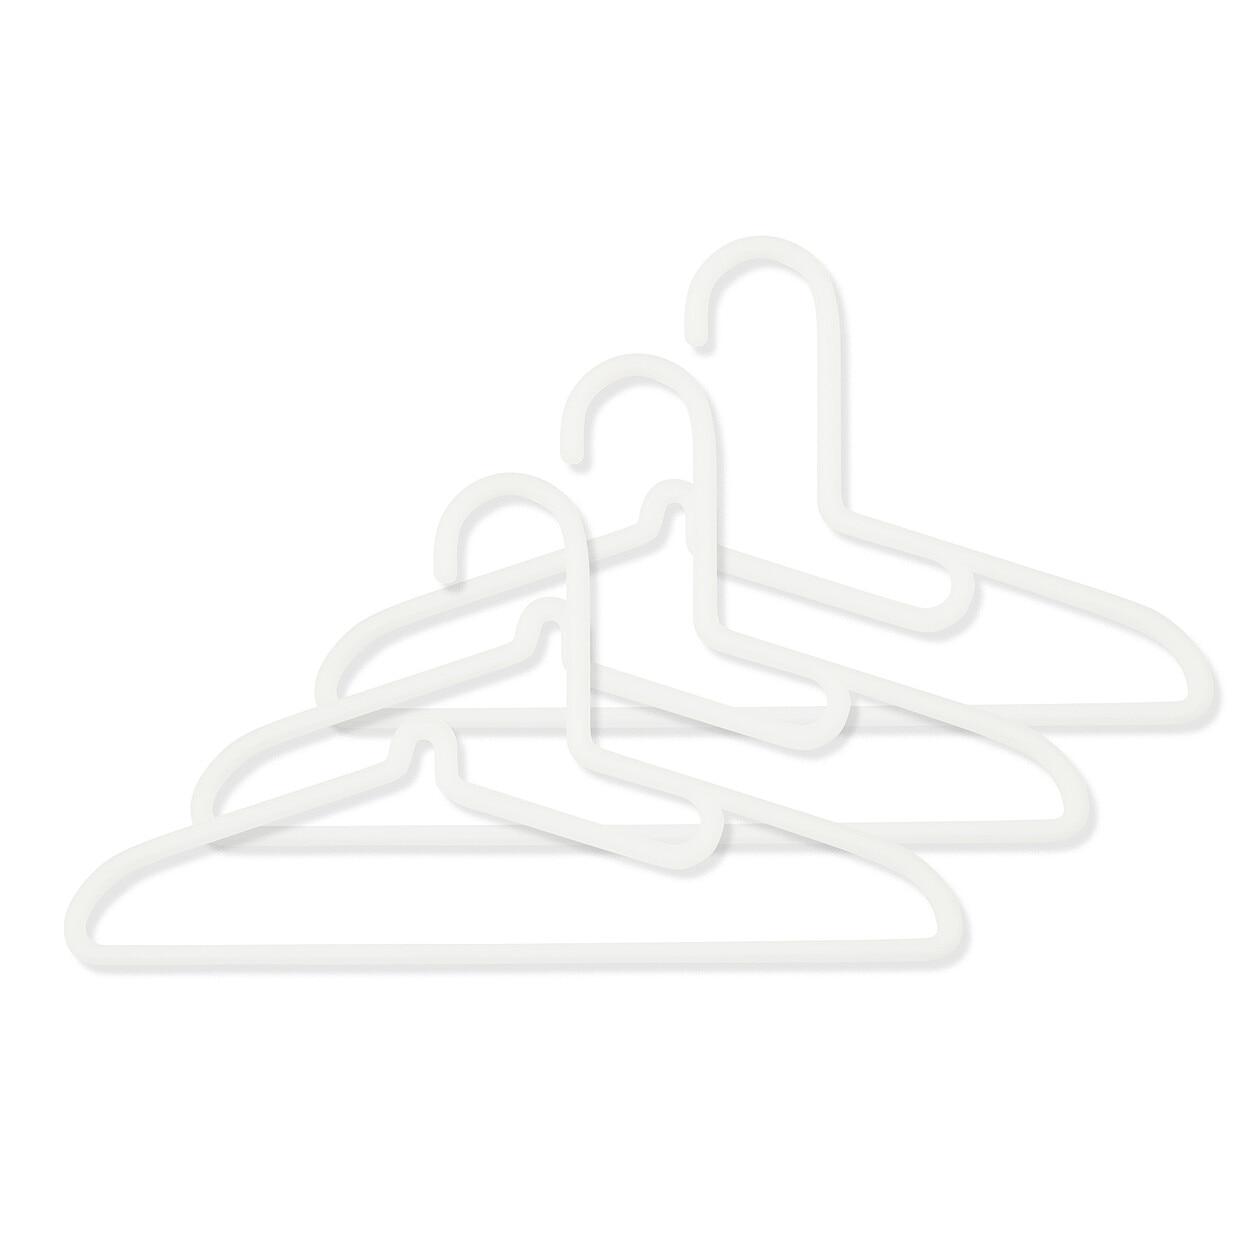 ポリプロピレン洗濯用ハンガー・シャツ用・3本組